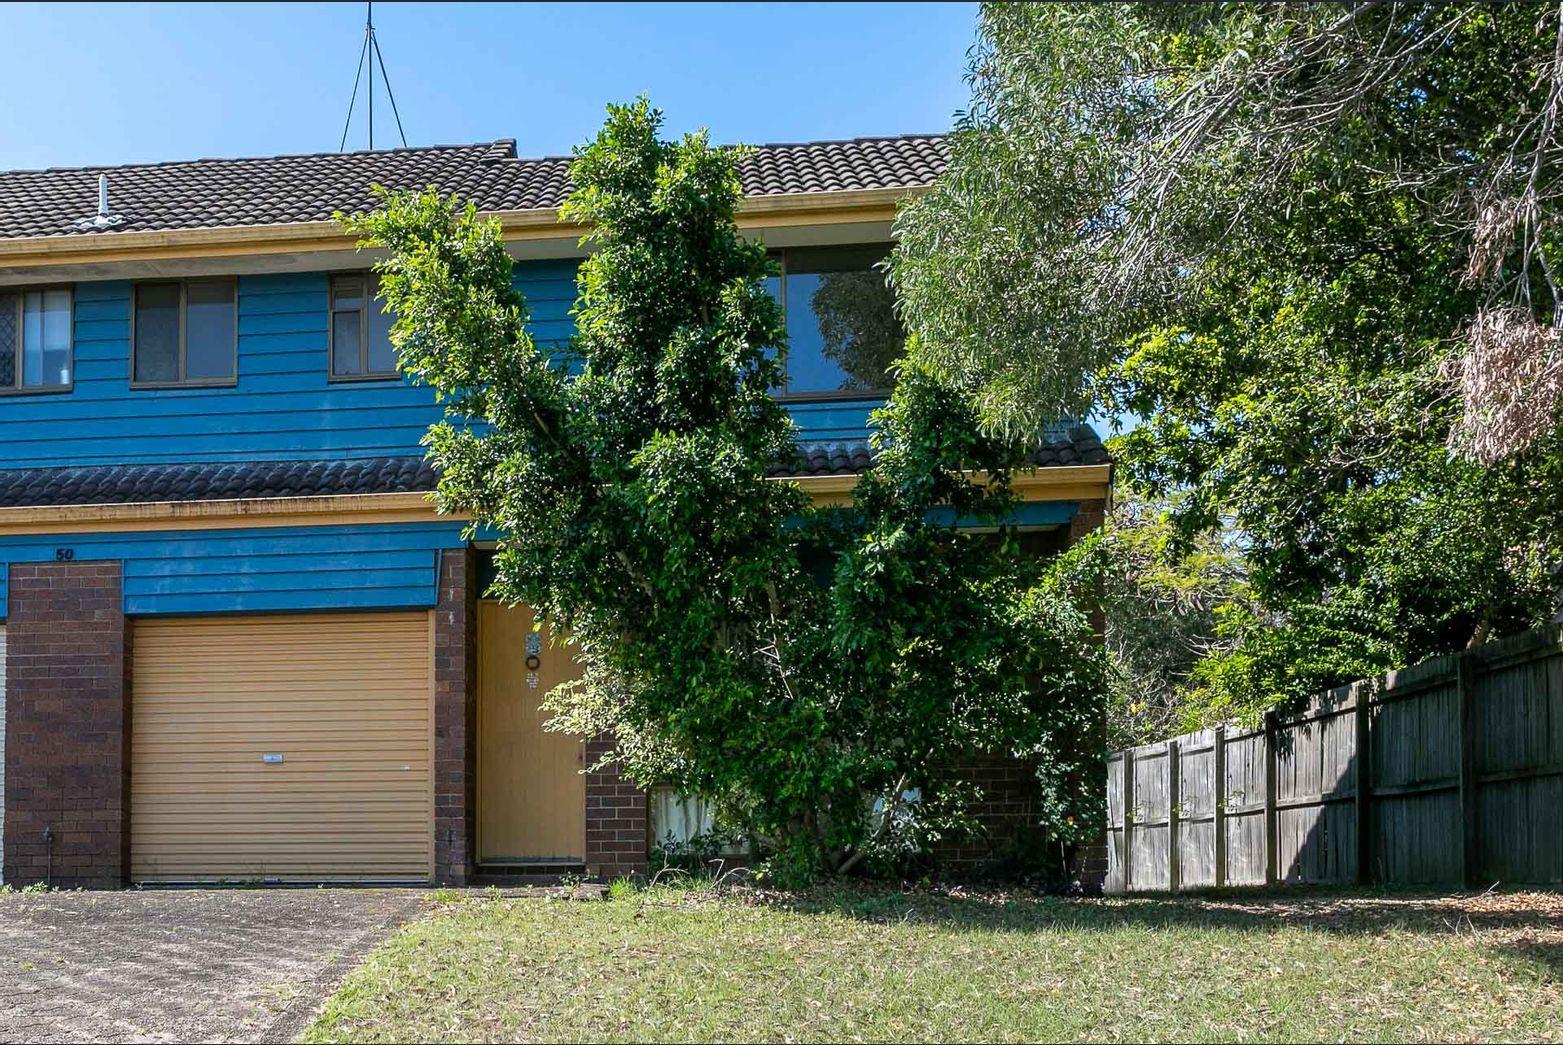 2/50 Corunna Crescent, Ashmore QLD 4214, Image 0